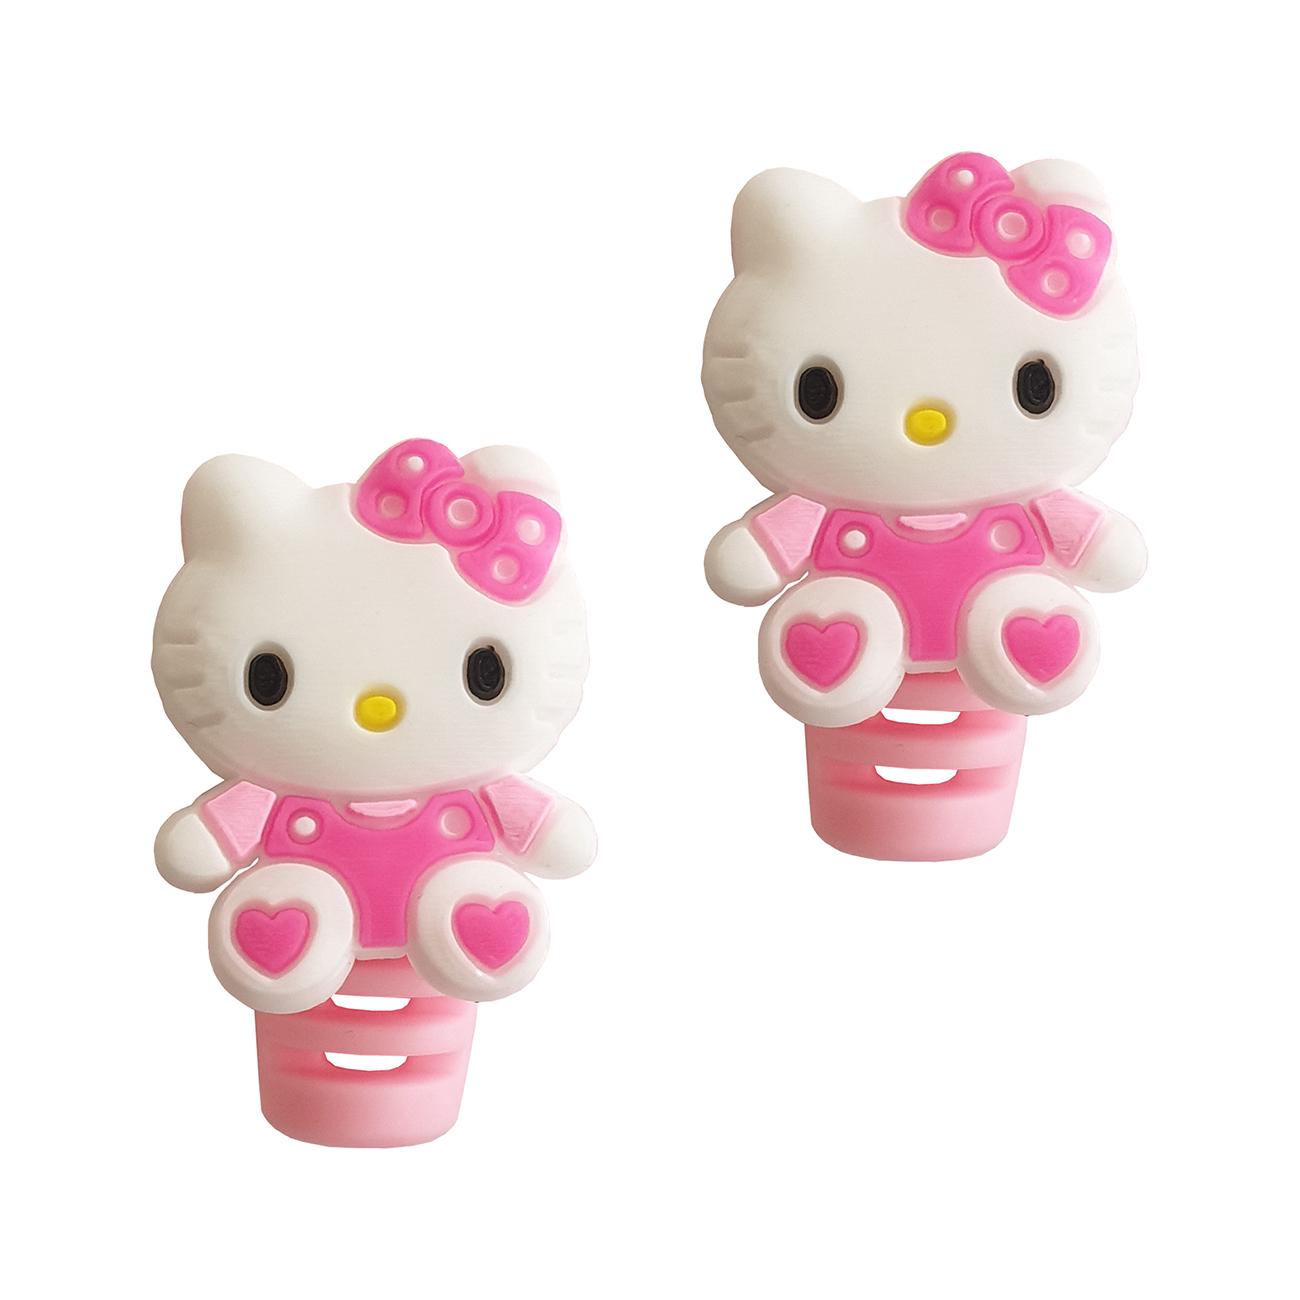 محافظ کابل طرح Kitty کد 2209 بسته 2 عددی              ( قیمت و خرید)